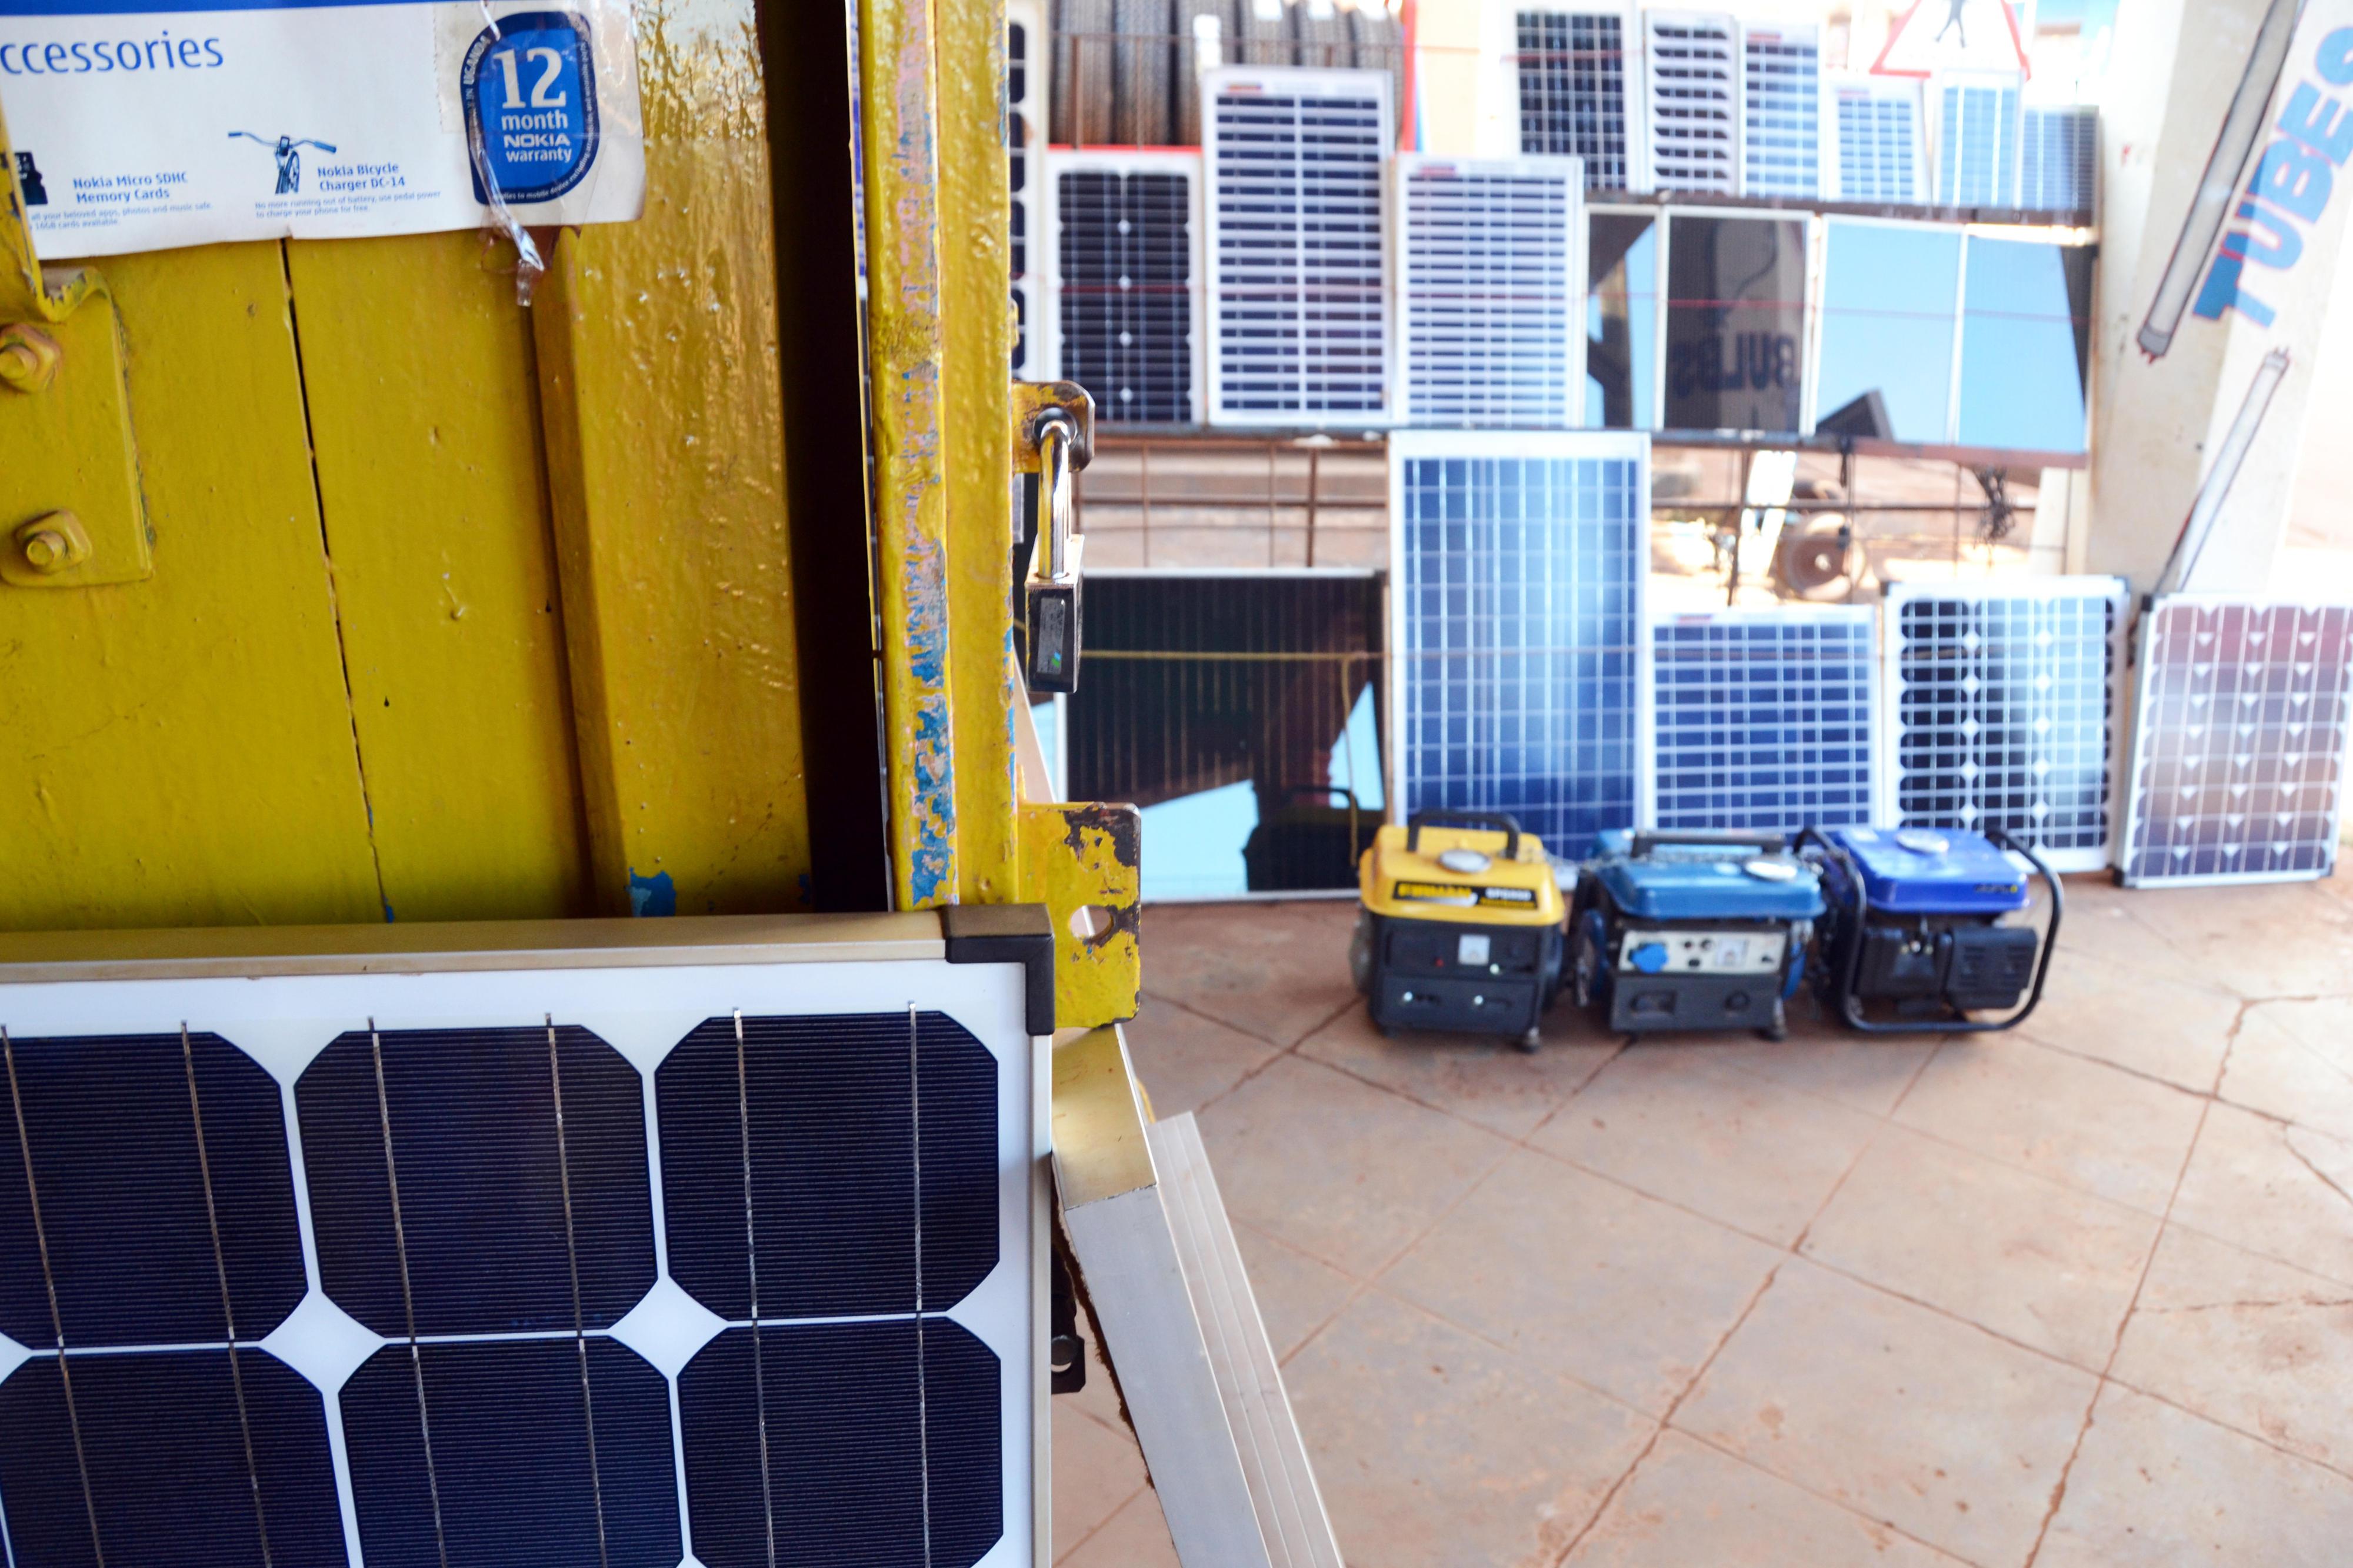 Geschäft in Uganda, das Solarpaneele und Solarzubehör verkauft